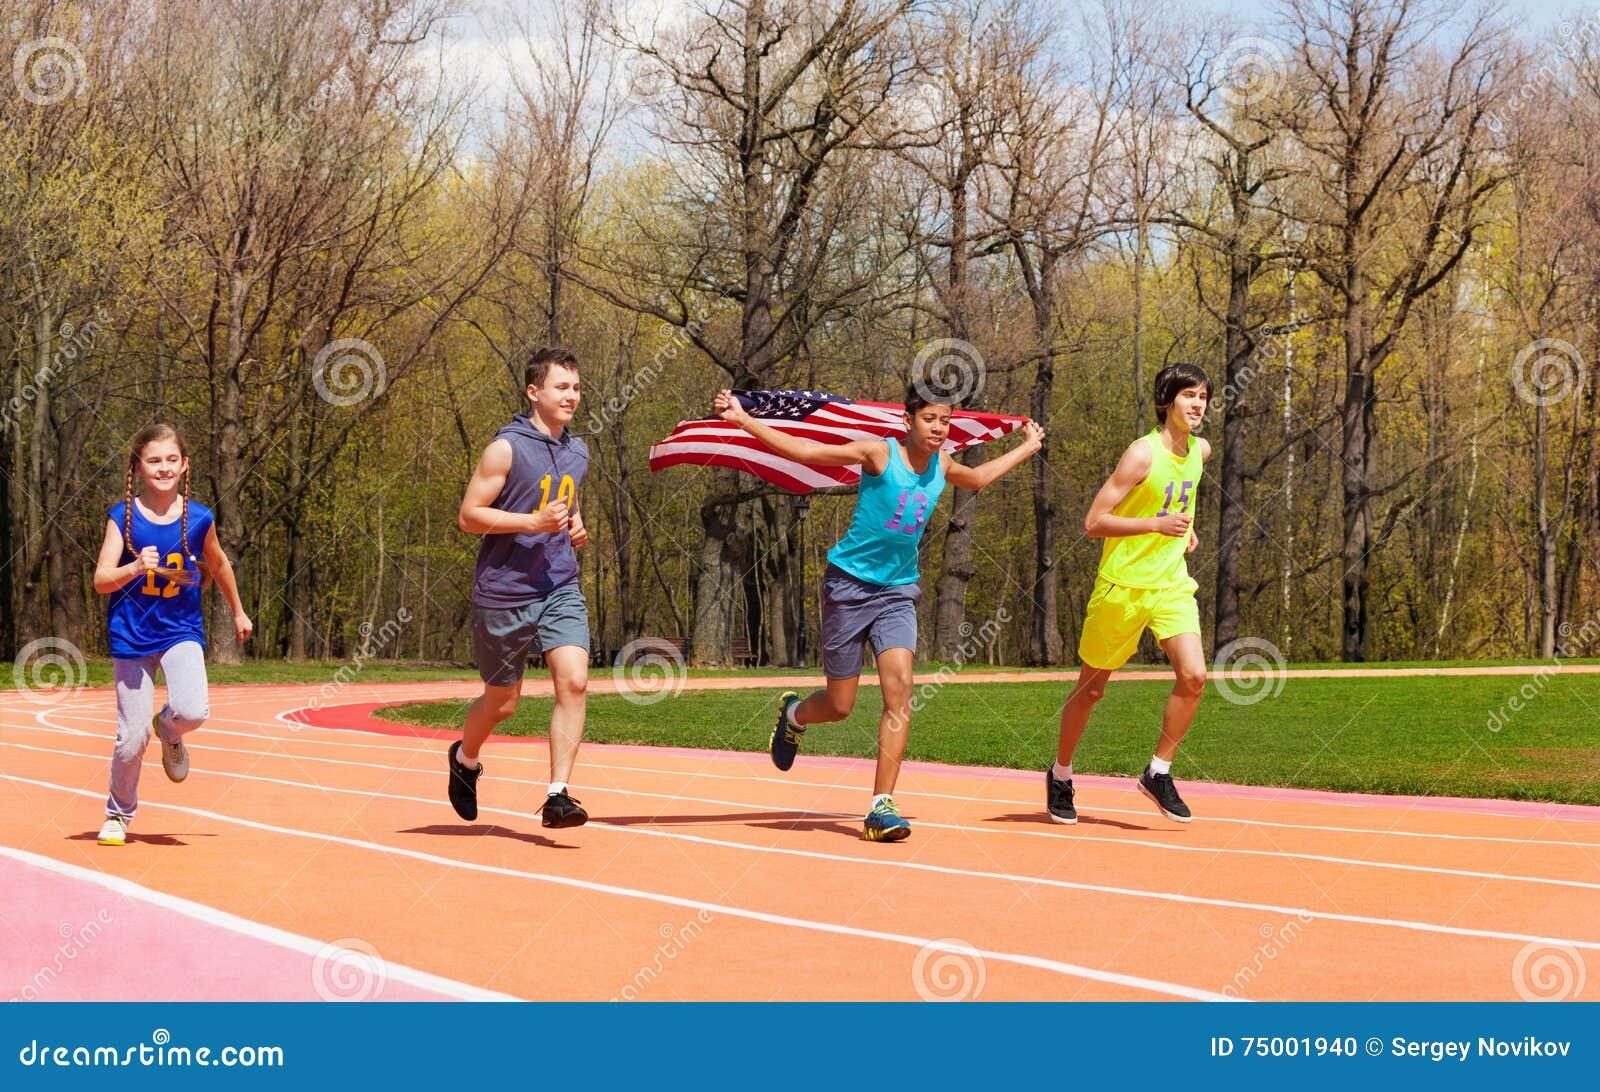 Vier jonge sprinters die Amerikaanse vlag op spoor golven